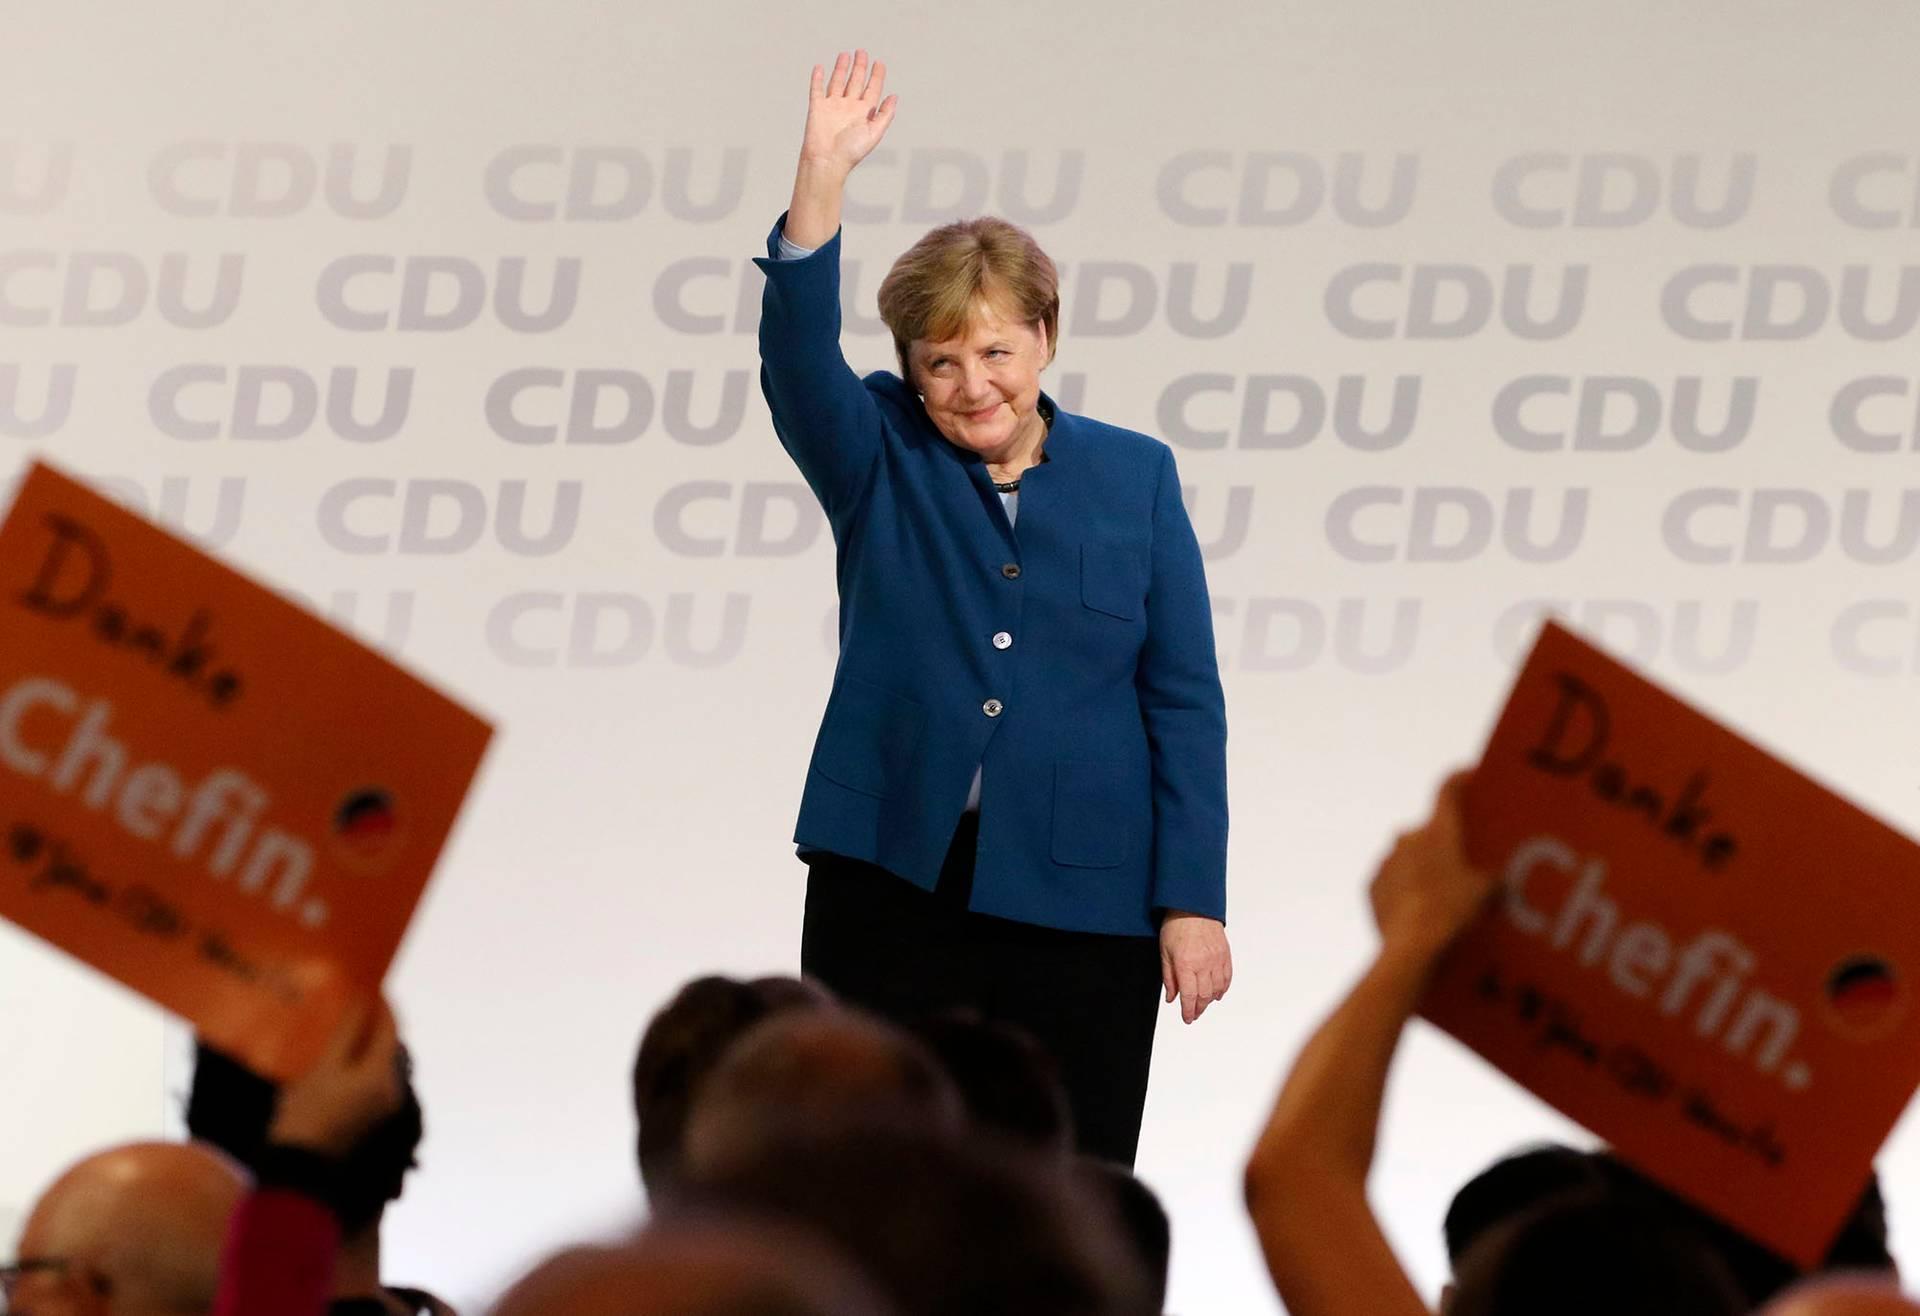 Німецька канцлерка Ангела Меркель дякує всім після свого останього виступу вролі лідерки партії наХристиянсько-Демократичного Союзк (ХДС) уГамбурзі, Німеччина, 7грудня 2018р. Присутні взалі тримають таблички знаписом «Дякуємо, шефине»